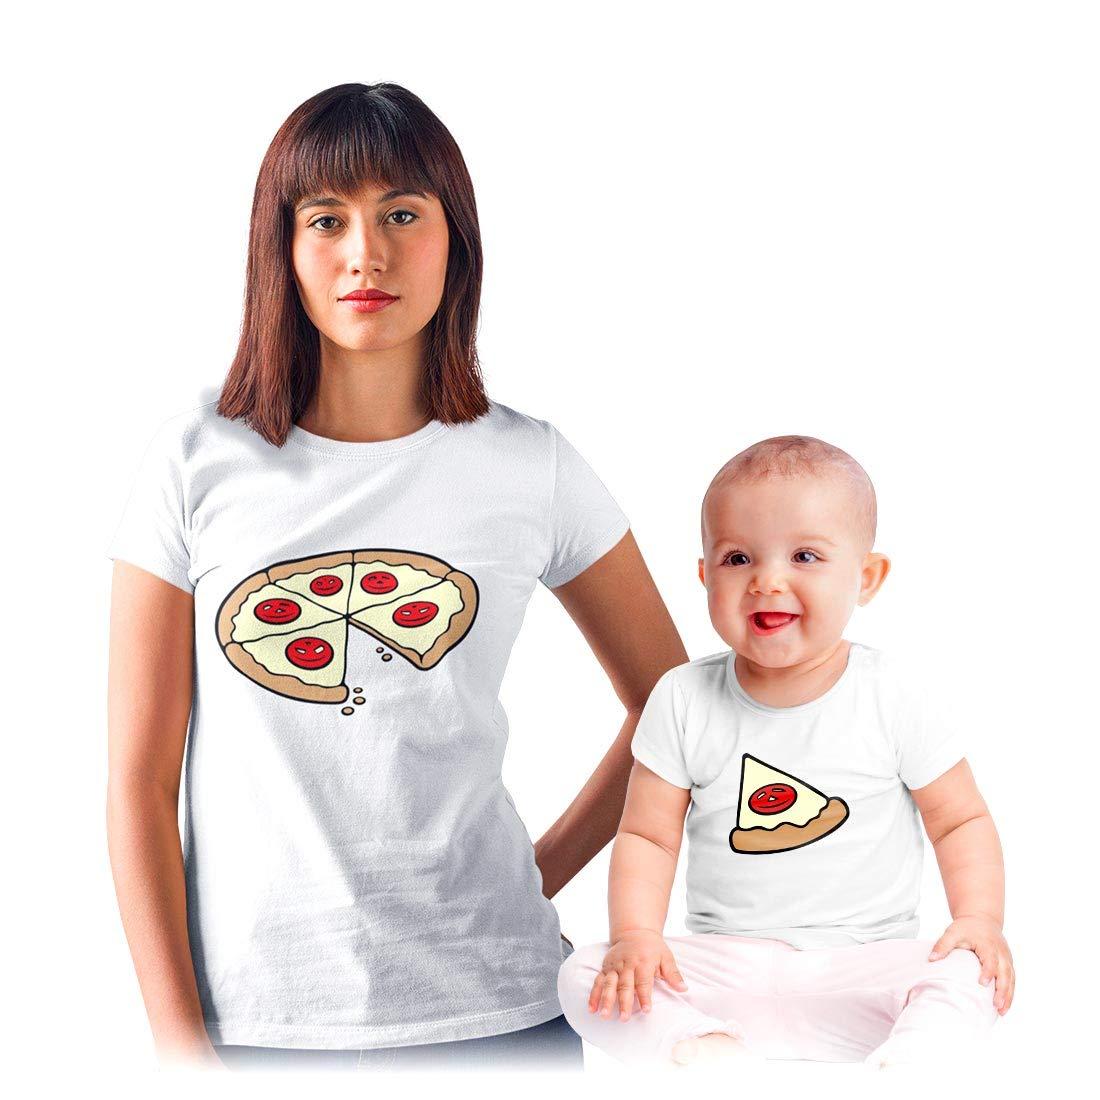 Shirtgeil Coppia Maglie per Mamma e Figlio/Figlia Divertente - Pizza k0b1klZV1hhE